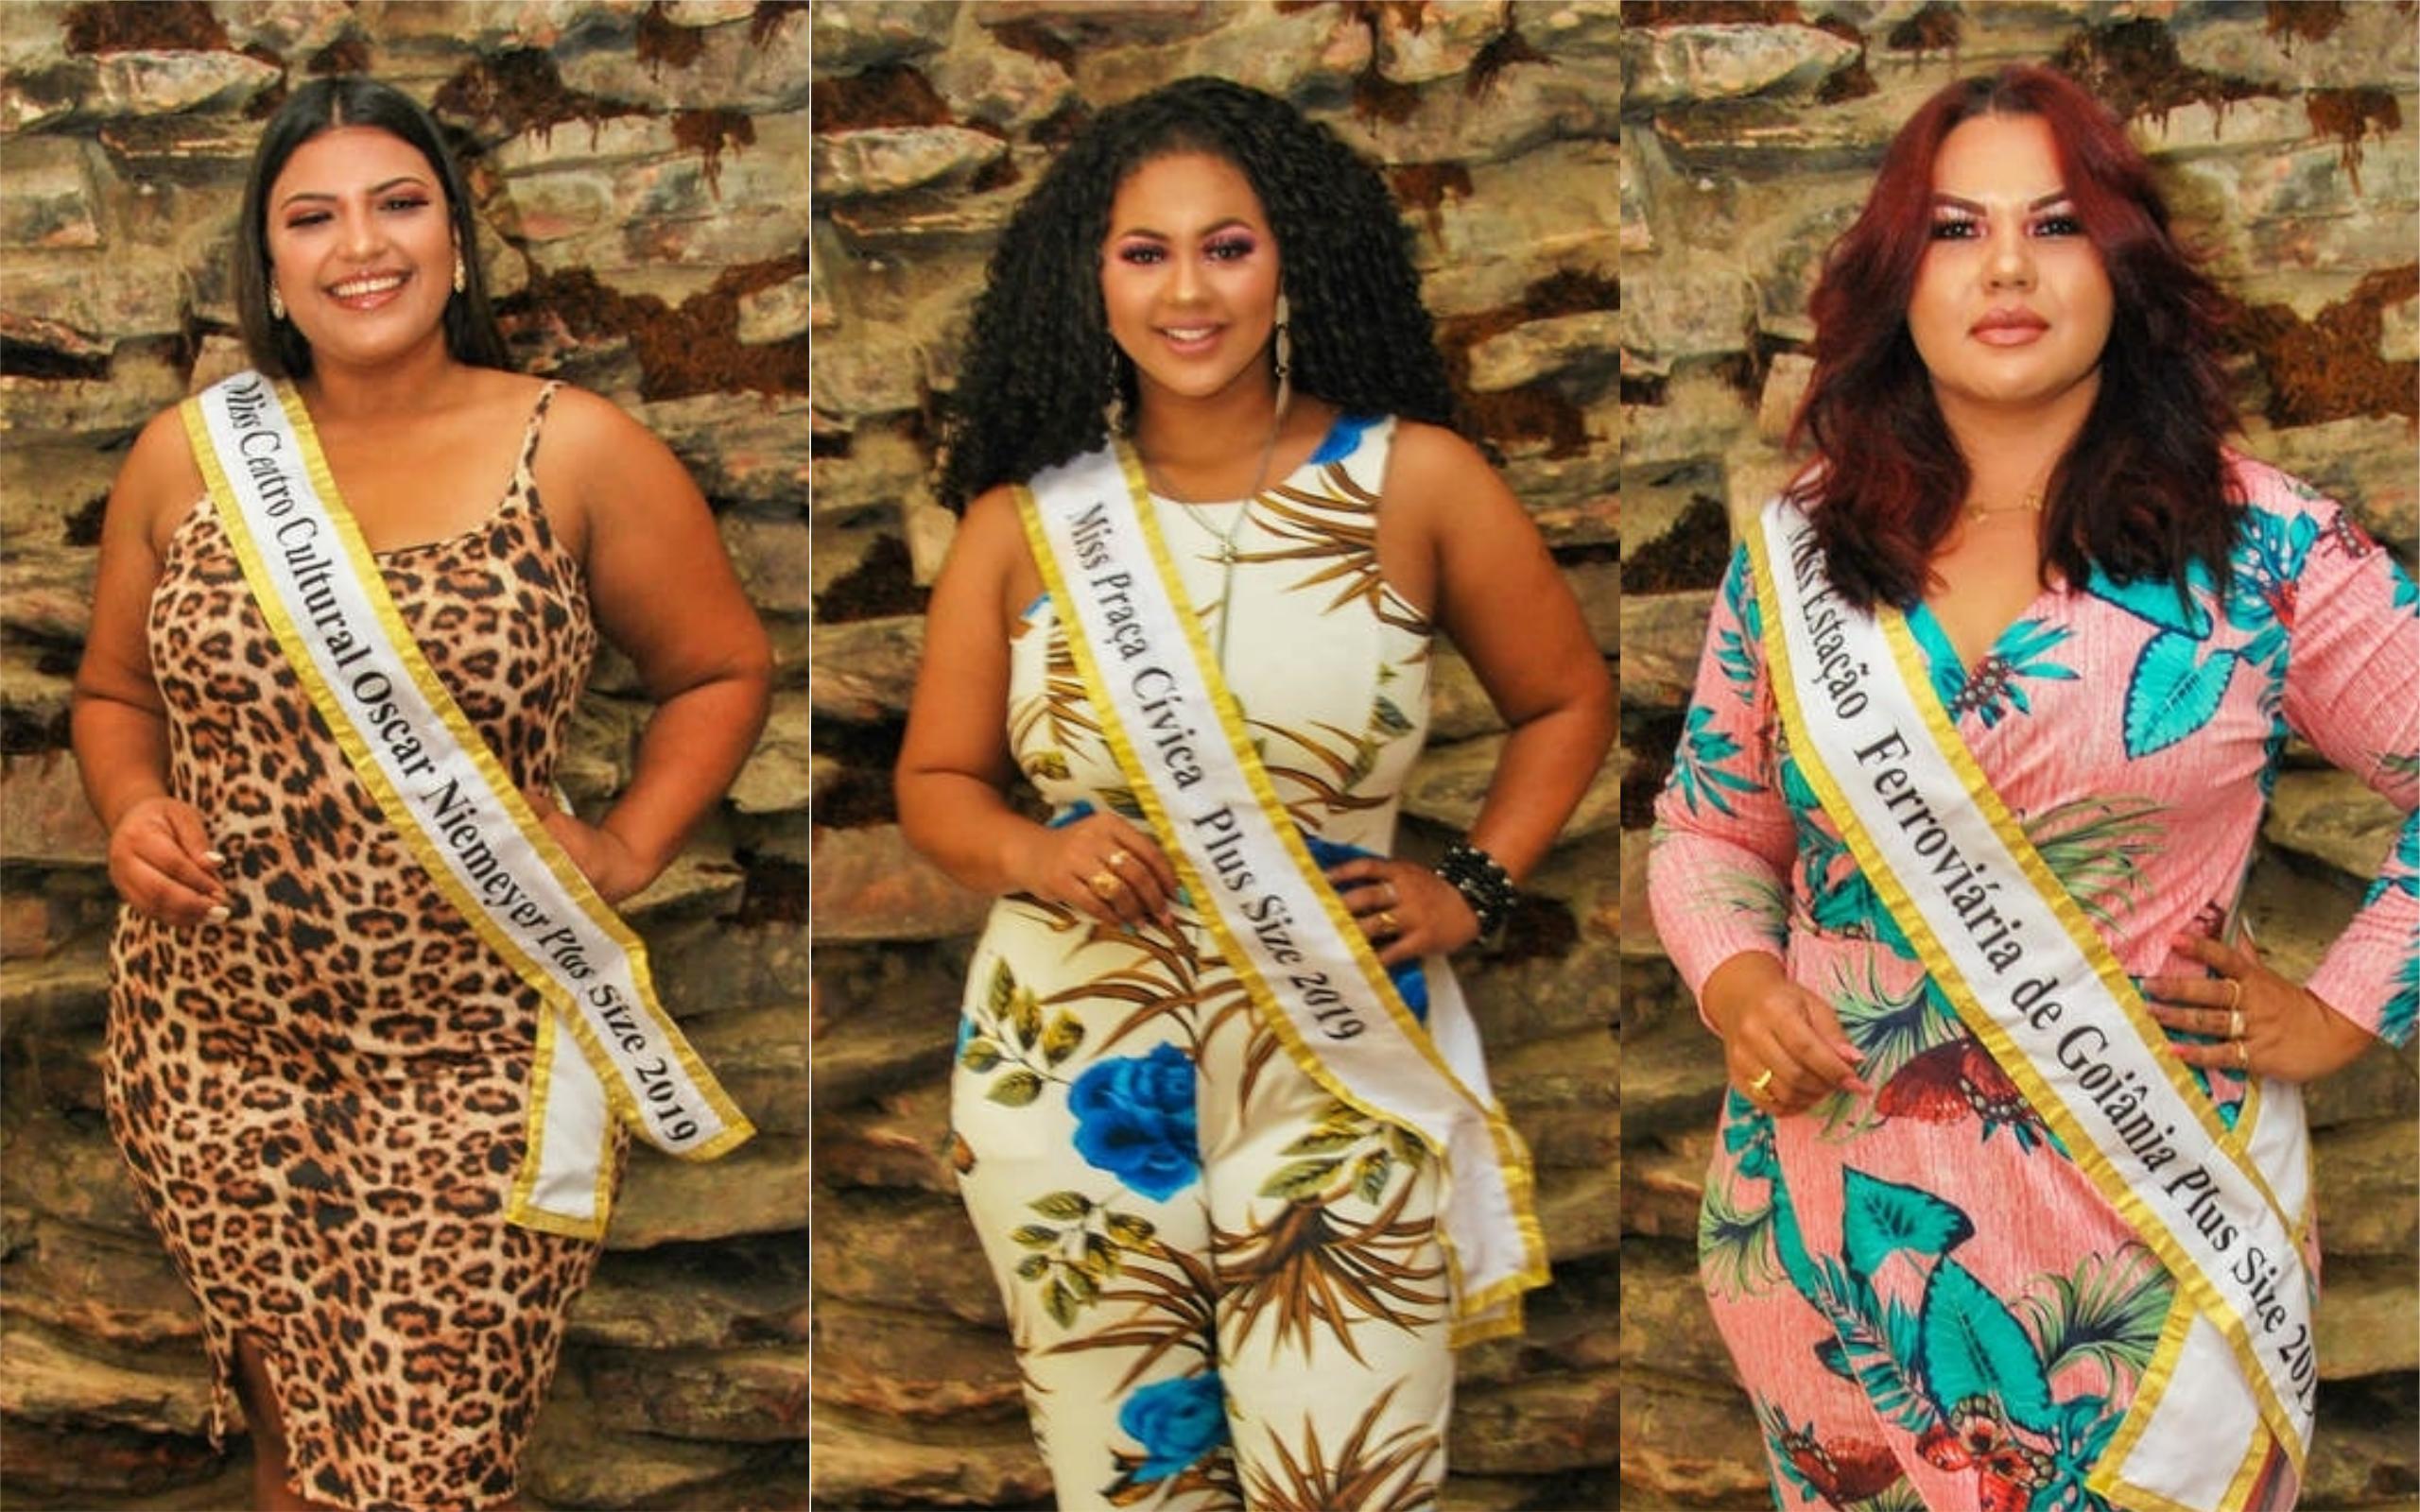 Concurso de Miss Plus Size acontece em Goiânia